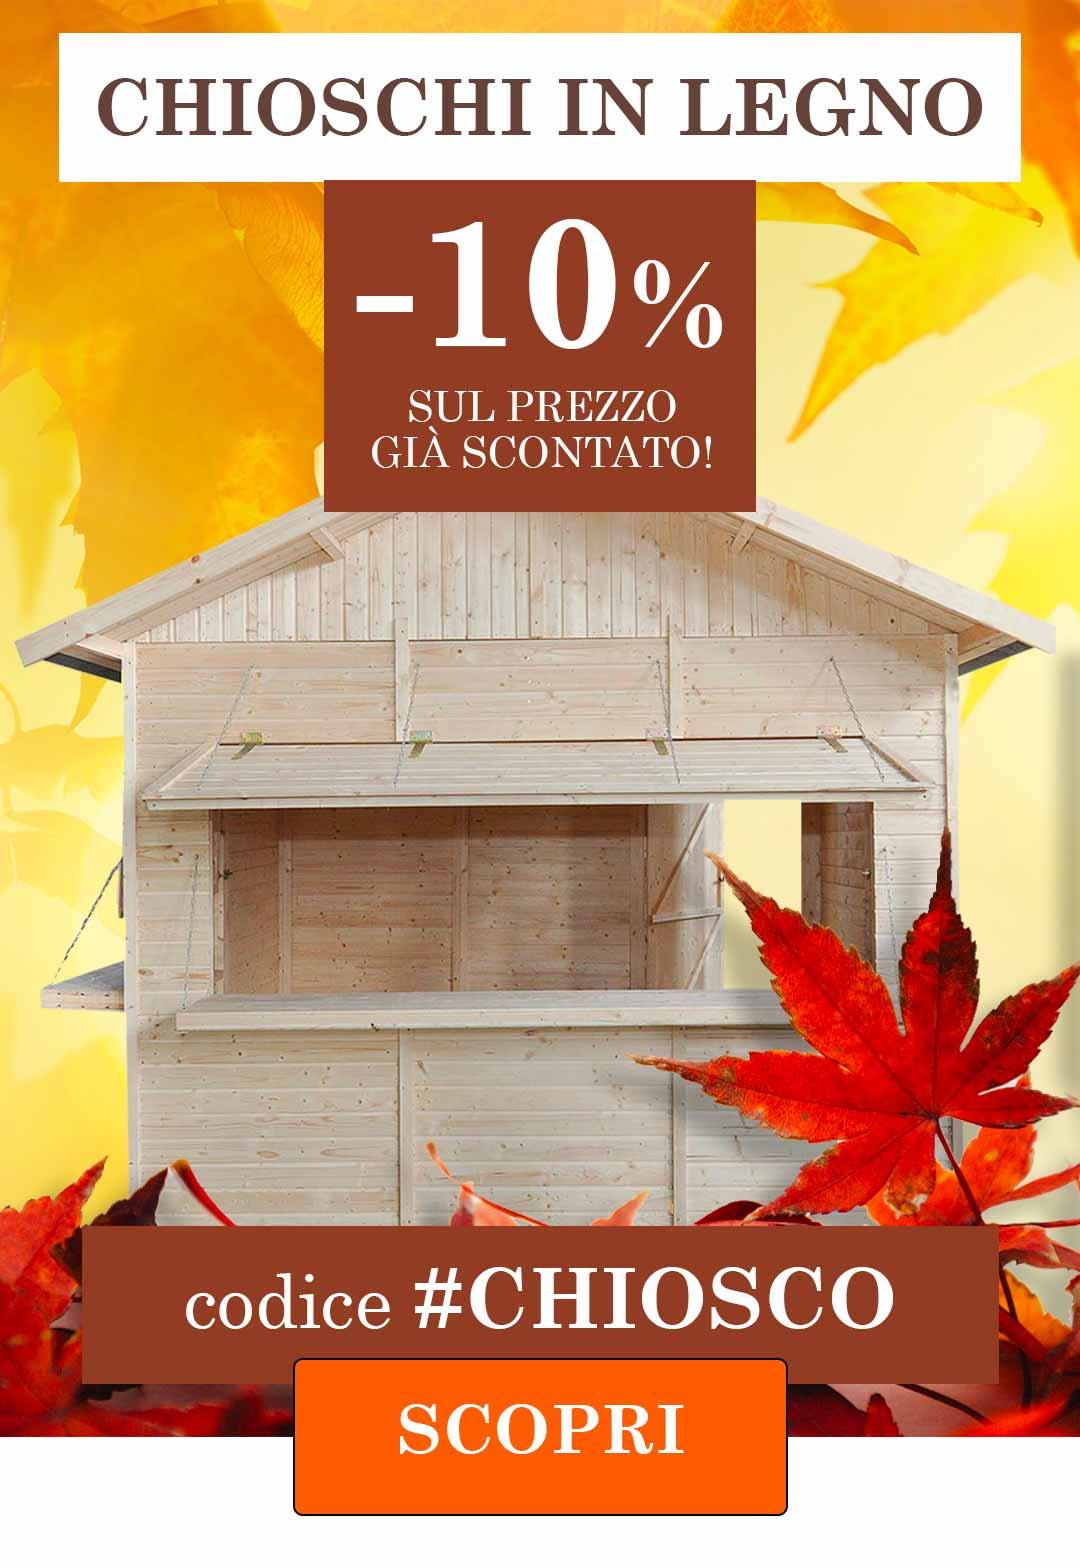 Chioschi in legno promozione 10% di sconto